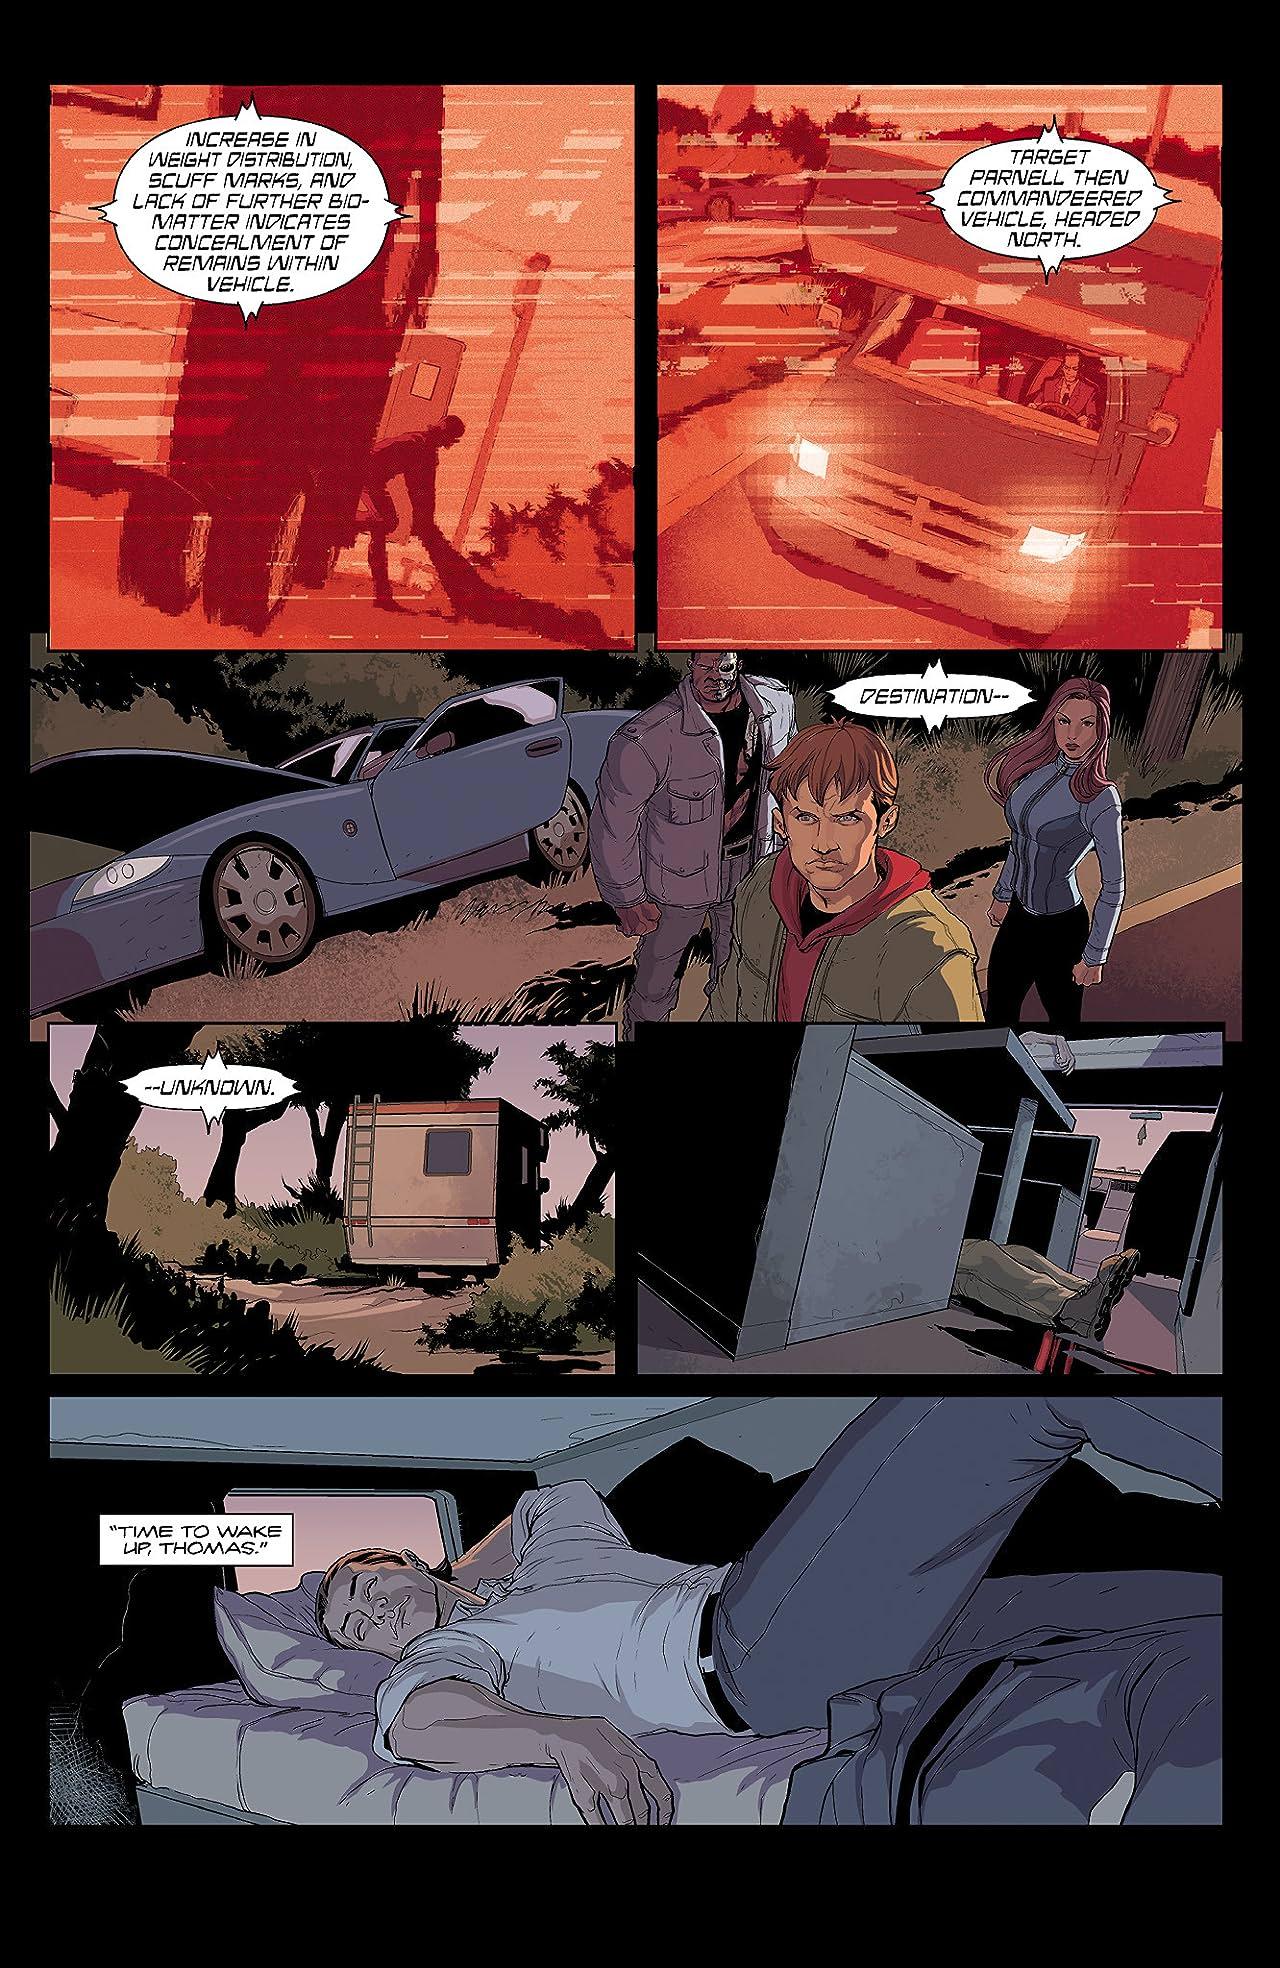 Terminator Salvation: The Final Battle #4